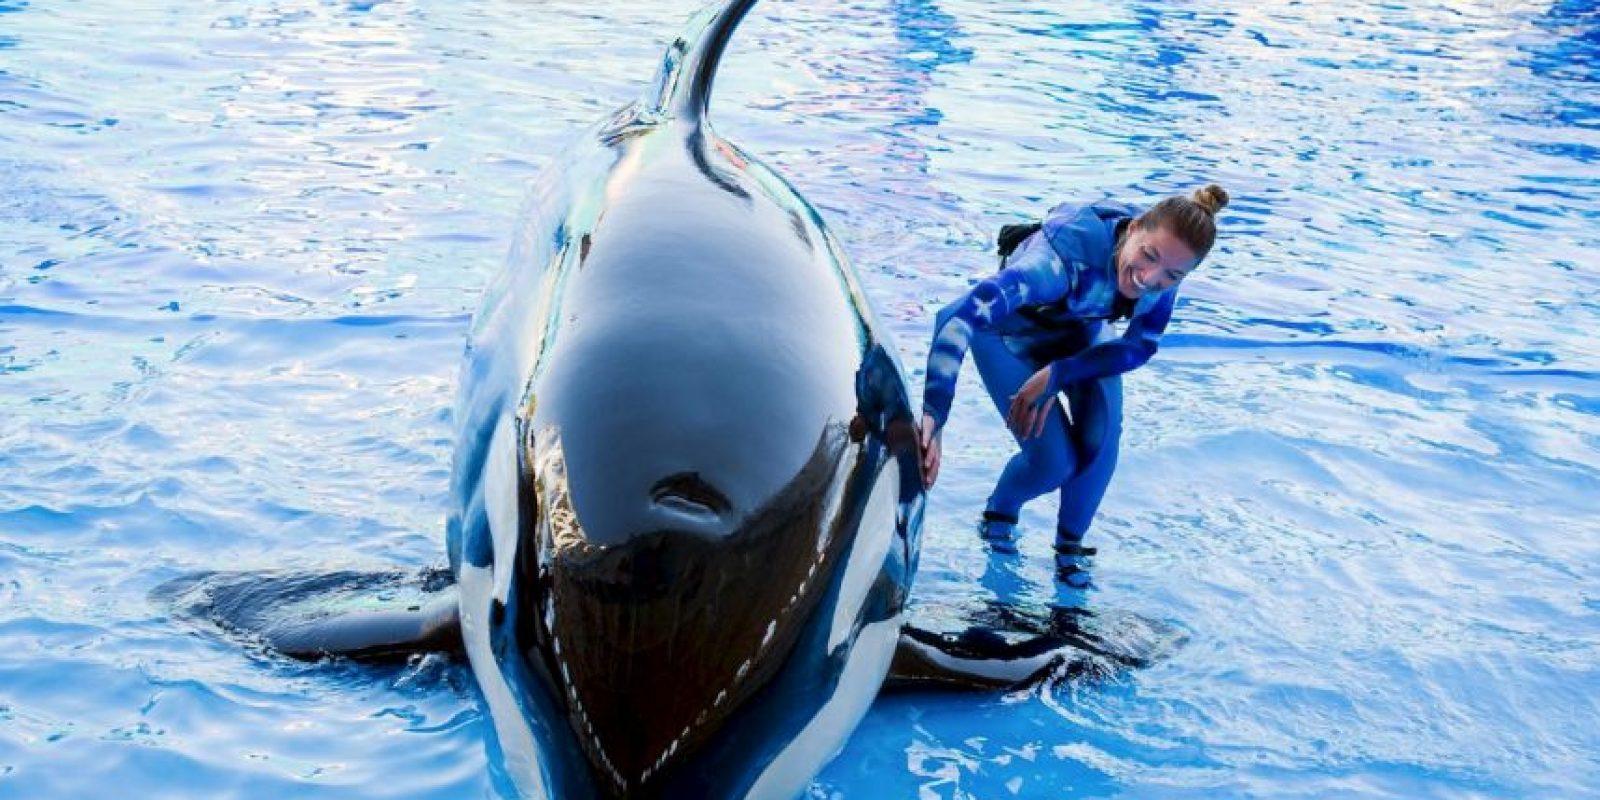 El mayor número de ataques de la especie se ha registrado cuando se encuentran en cautiverio. Foto:Vía facebook.com/SeaWorld